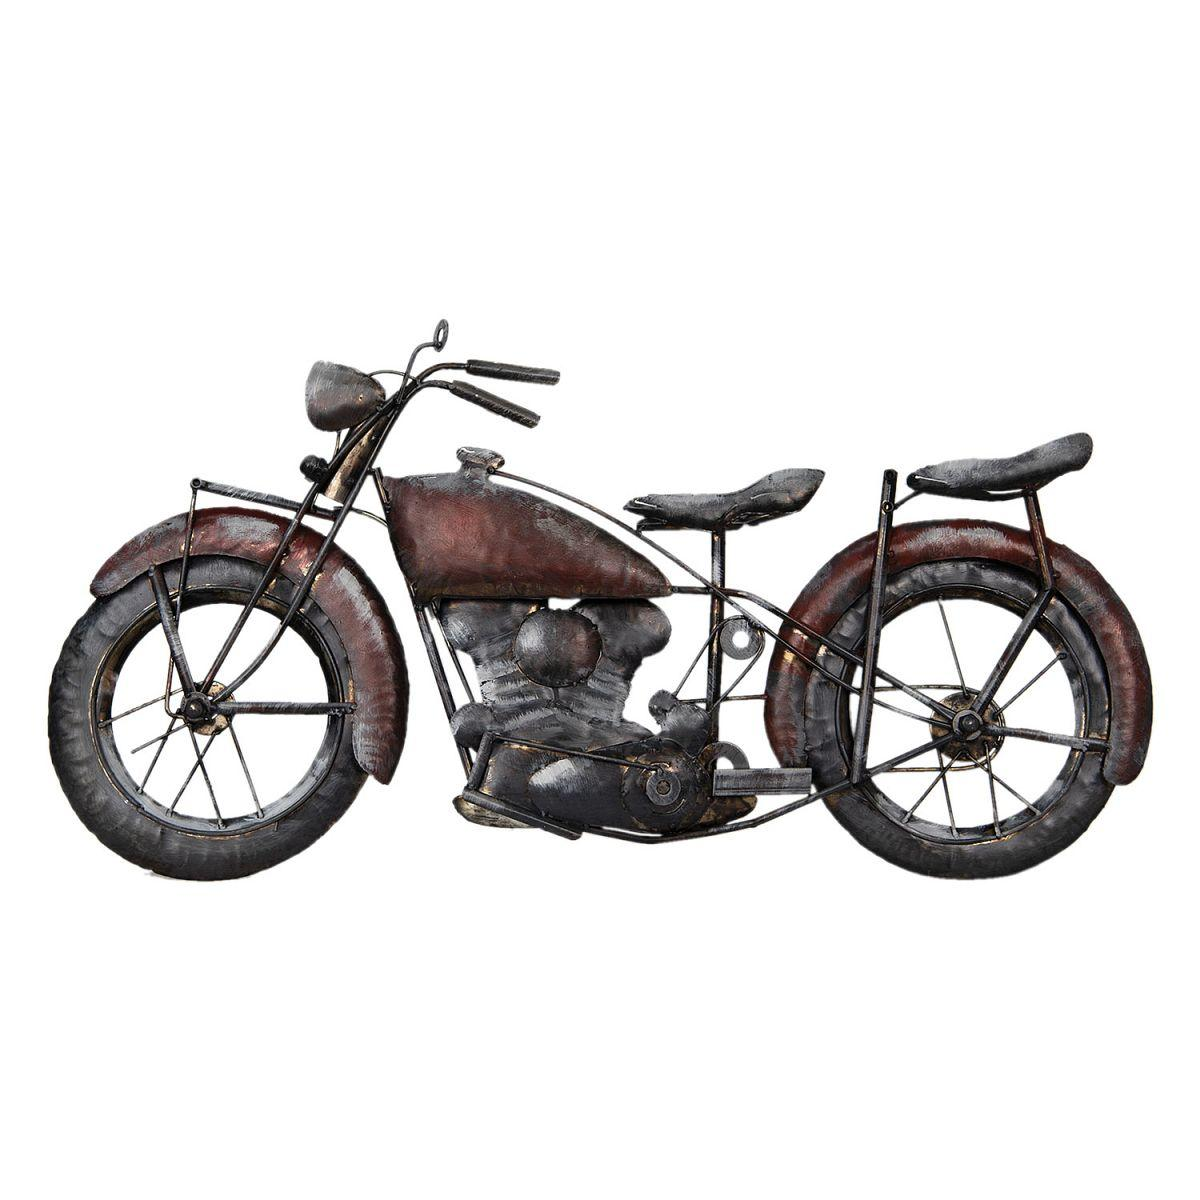 Nástěnná dekorace MOTORCYCLE